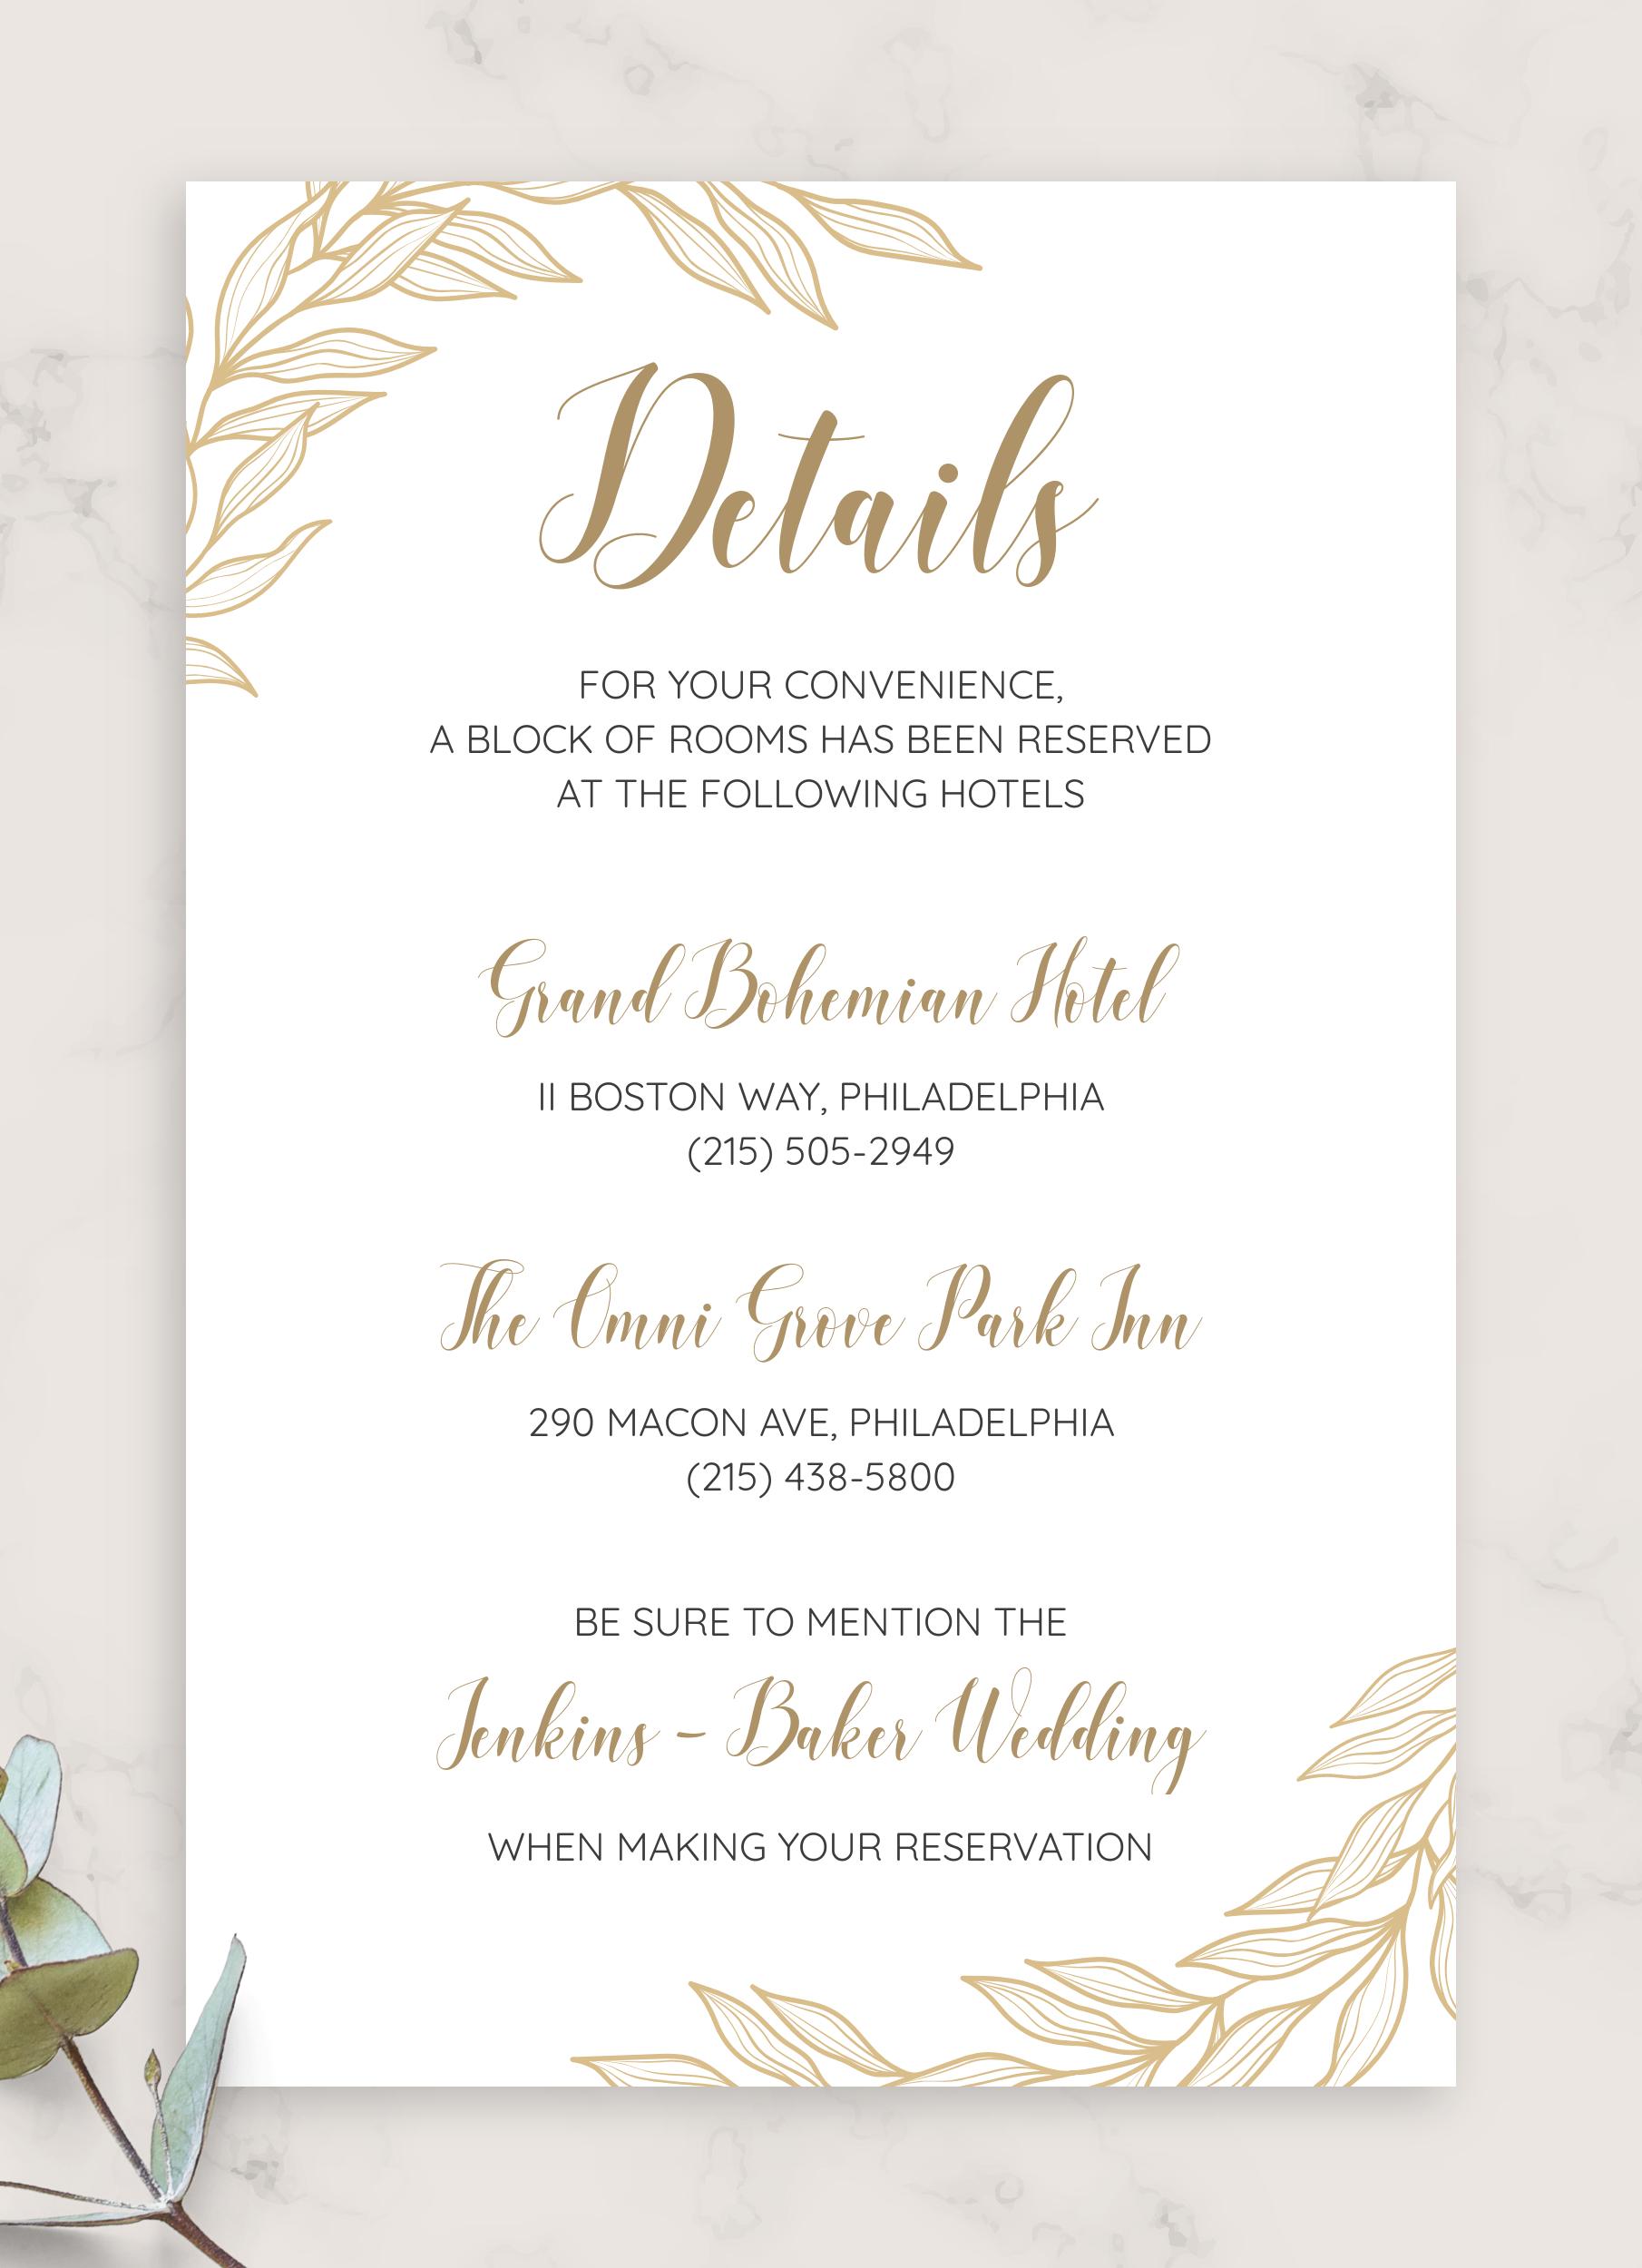 Golden Wedding Details Card Wedding Details Card Wedding Invitation Card Design Wedding Invitation Cards